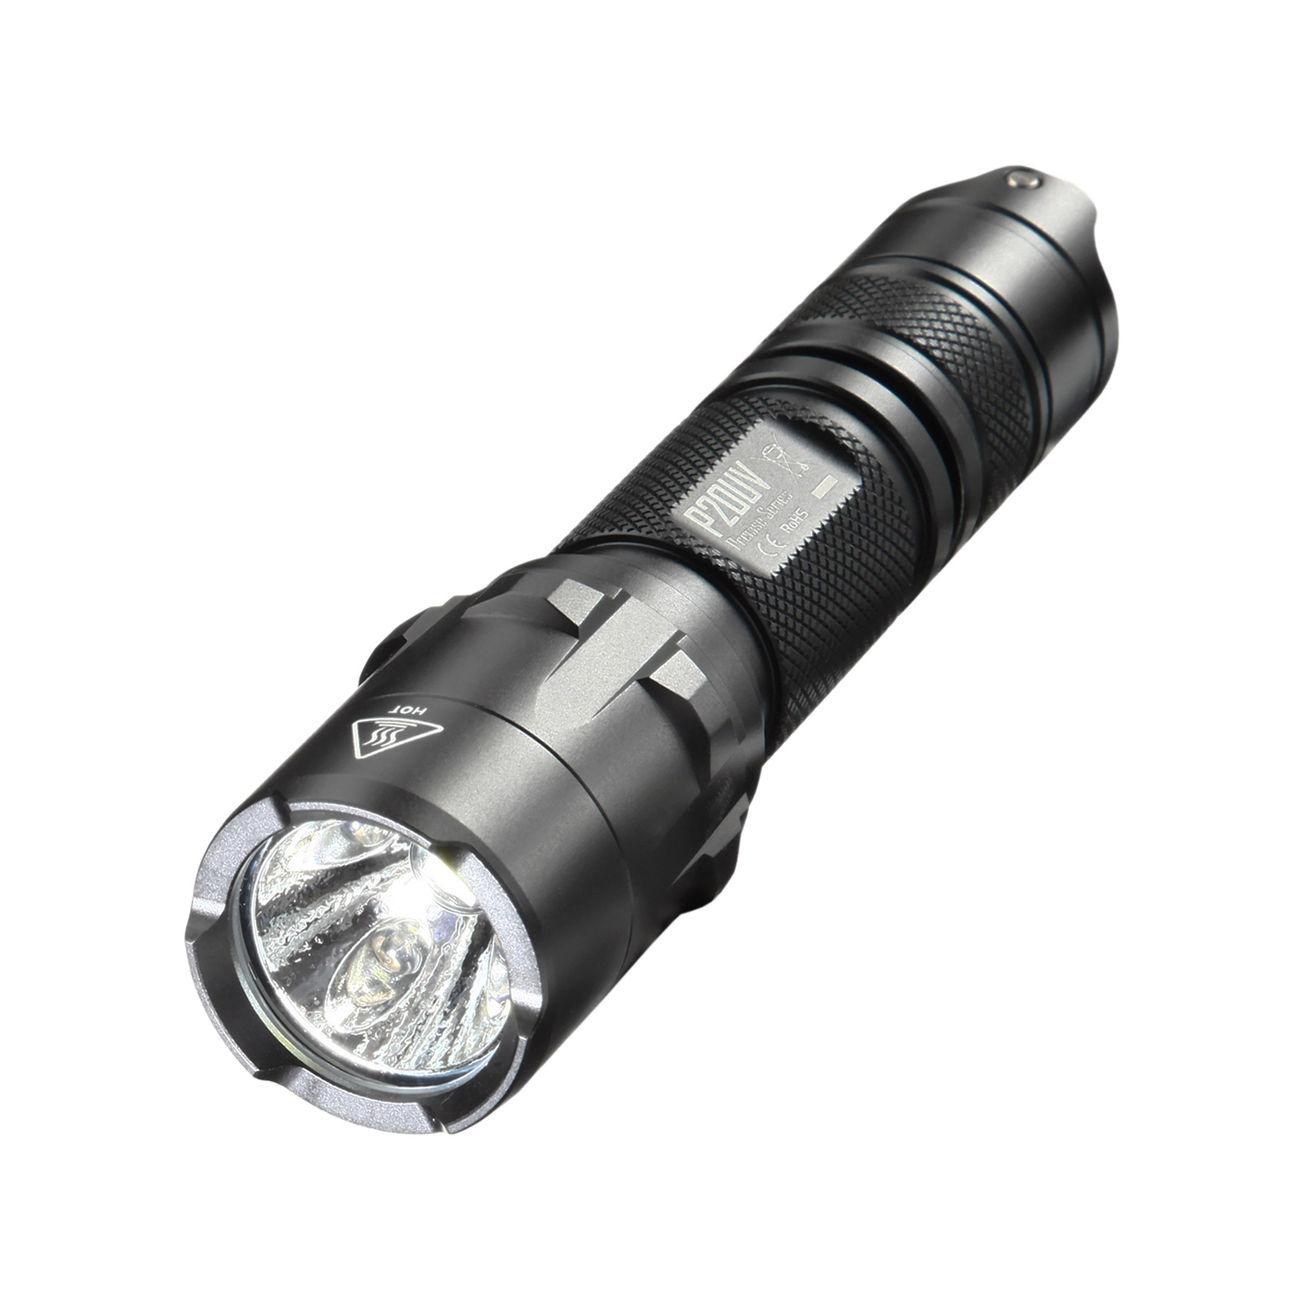 nitecore led lampe p20uv 800 lumen mit uv funktion schwarz kotte zeller. Black Bedroom Furniture Sets. Home Design Ideas